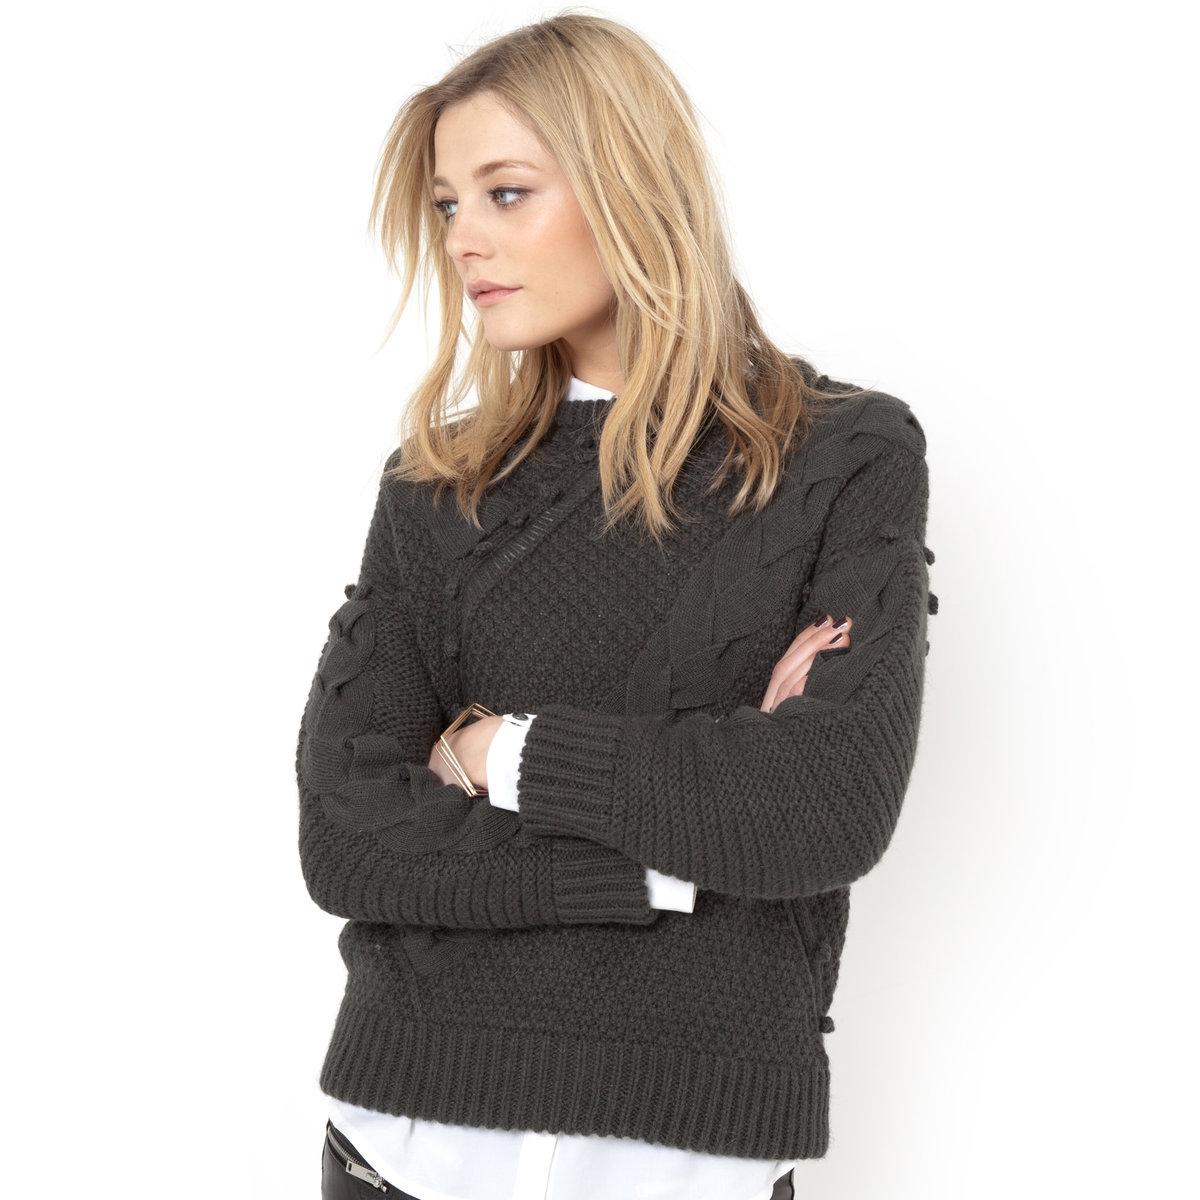 Пуловер, 15% шерстиПуловер из трикотажа, 75% акрила, 15% шерсти, 10% альпаки.   Узор косы, ажурные детали, декоративные помпоны спереди и на рукавах.   Края рукавов и низа связаны в рубчик. Длина 62 см.Женственная модель из мягкого и теплого трикотажа!<br><br>Цвет: желтый меланж,слоновая кость,хаки<br>Размер: 42/44 (FR) - 48/50 (RUS).46/48 (FR) - 52/54 (RUS).42/44 (FR) - 48/50 (RUS).38/40 (FR) - 44/46 (RUS).46/48 (FR) - 52/54 (RUS)